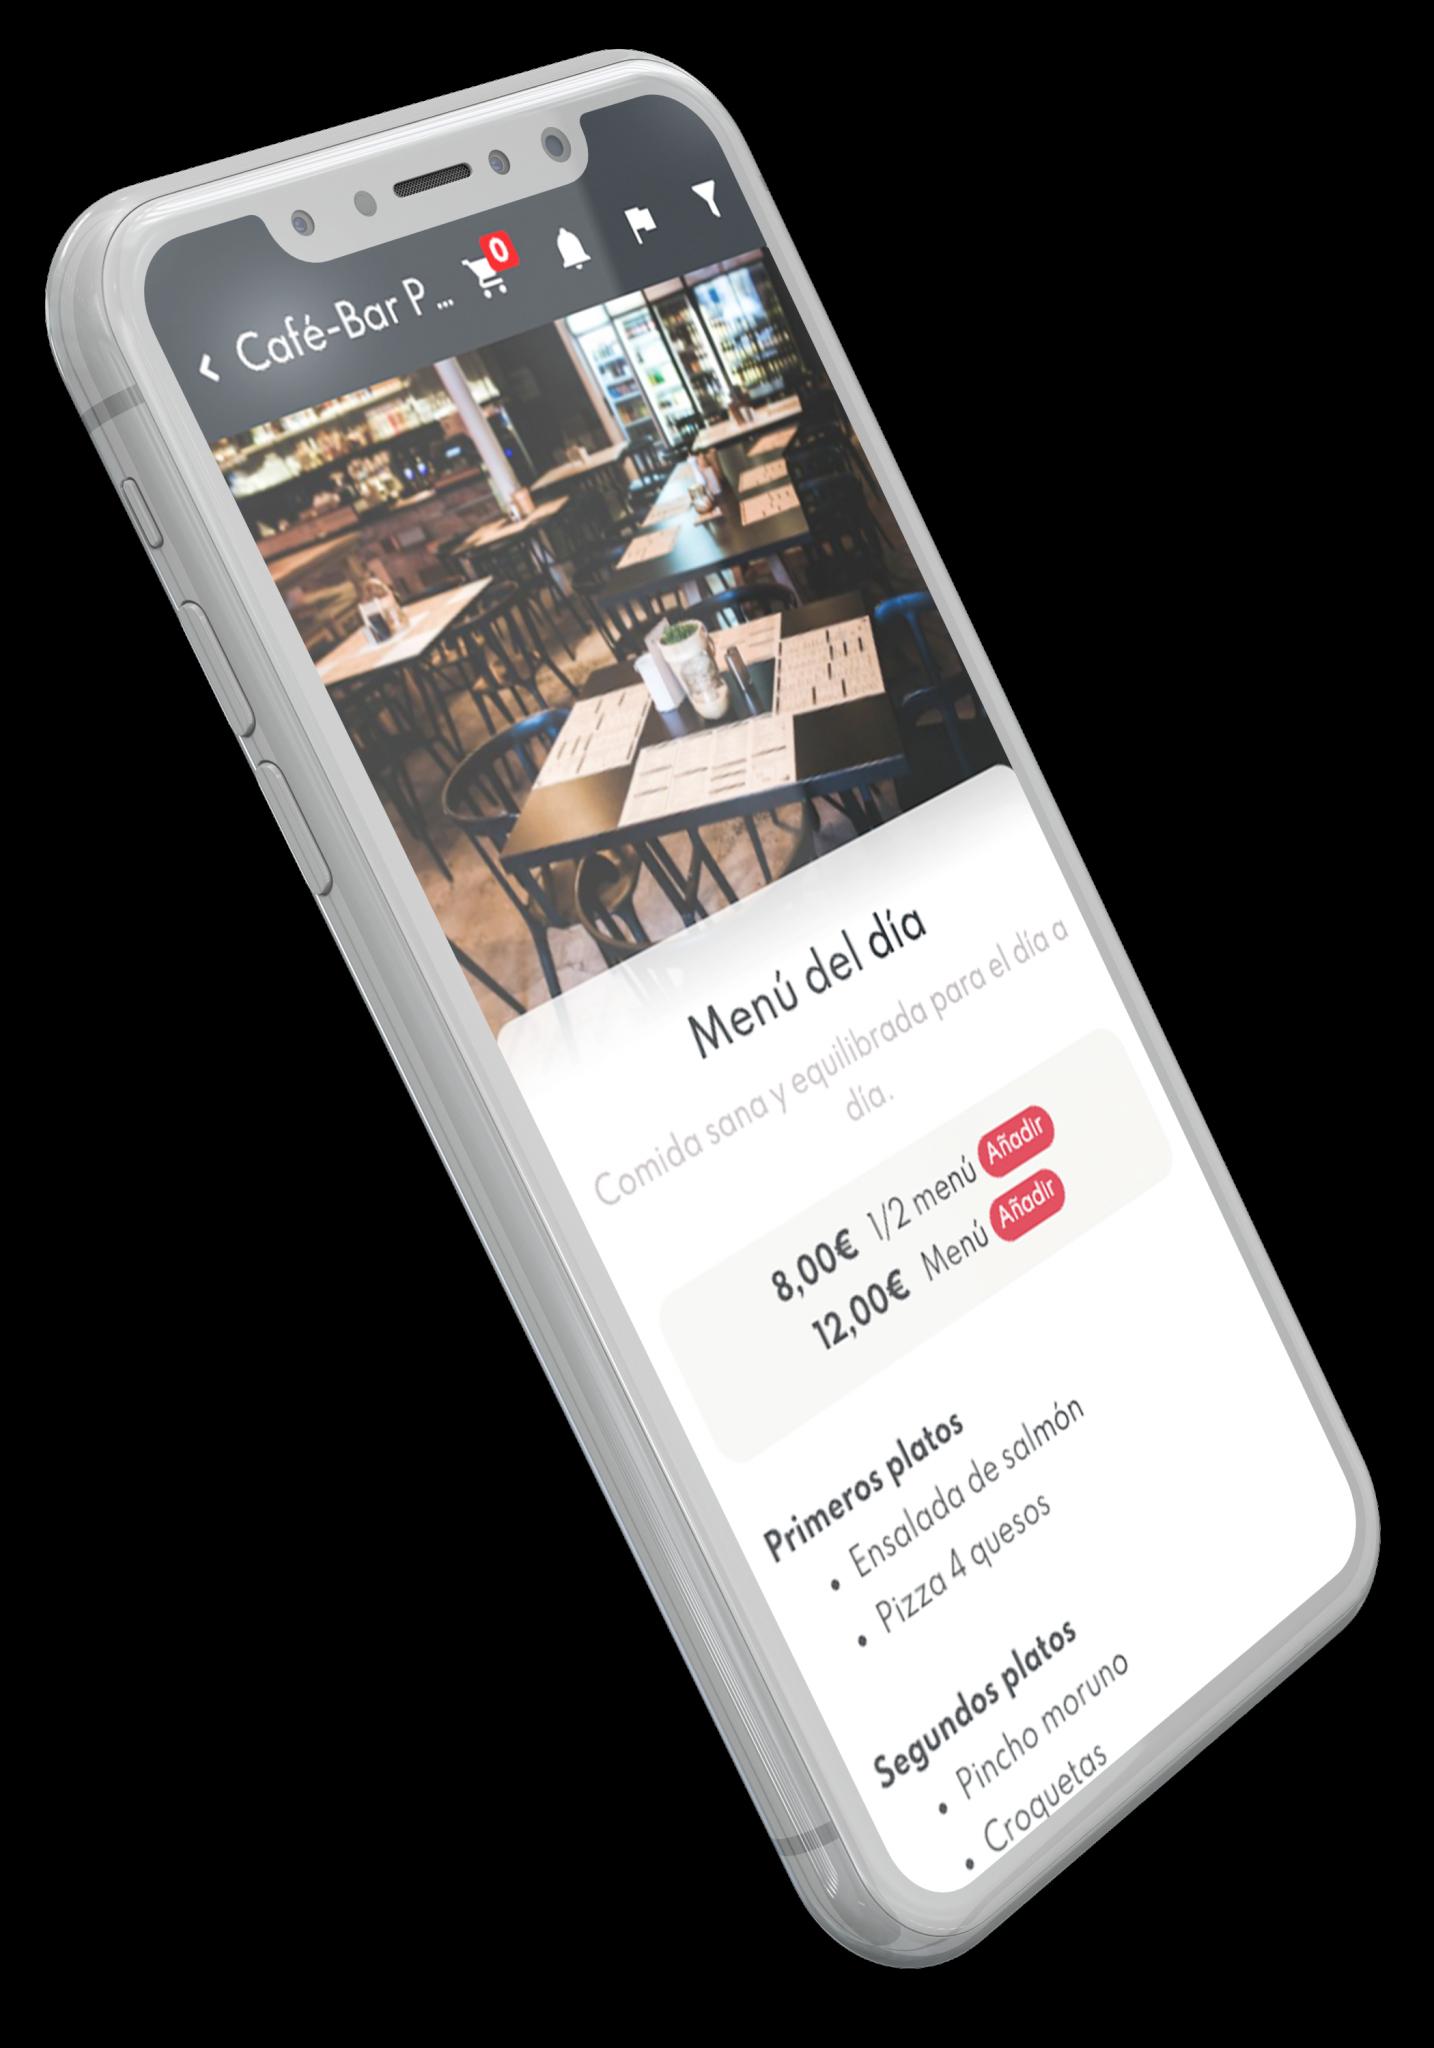 Carta digital en el móvil